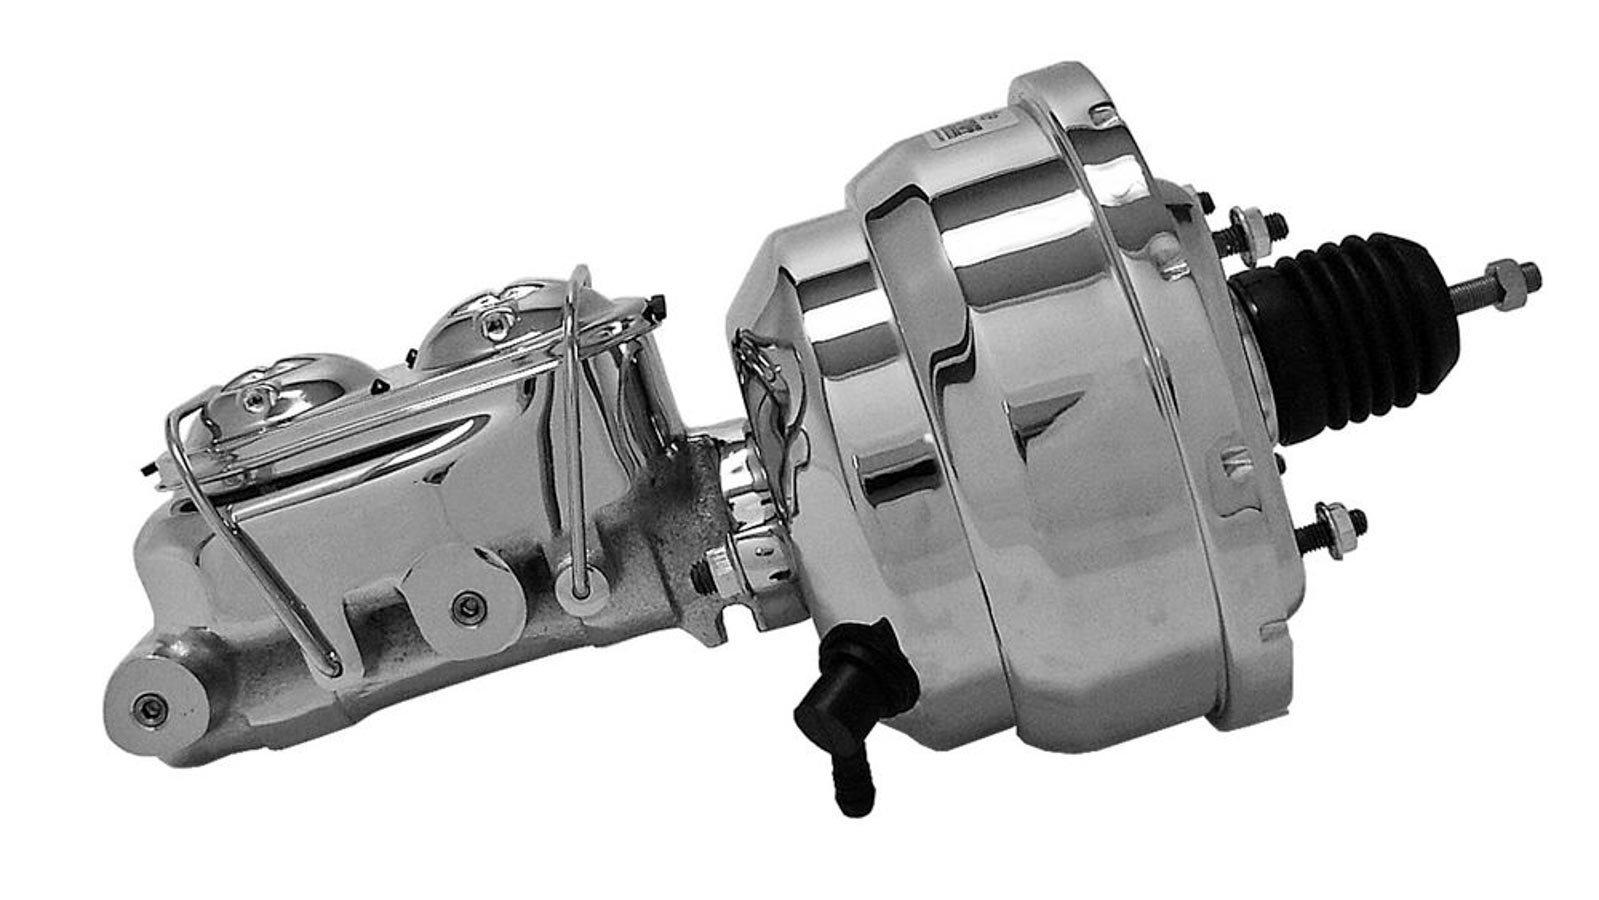 Tuff Stuff 2123NA1 8'' Chrome Brake Booster with 2020NA Master Cylinder